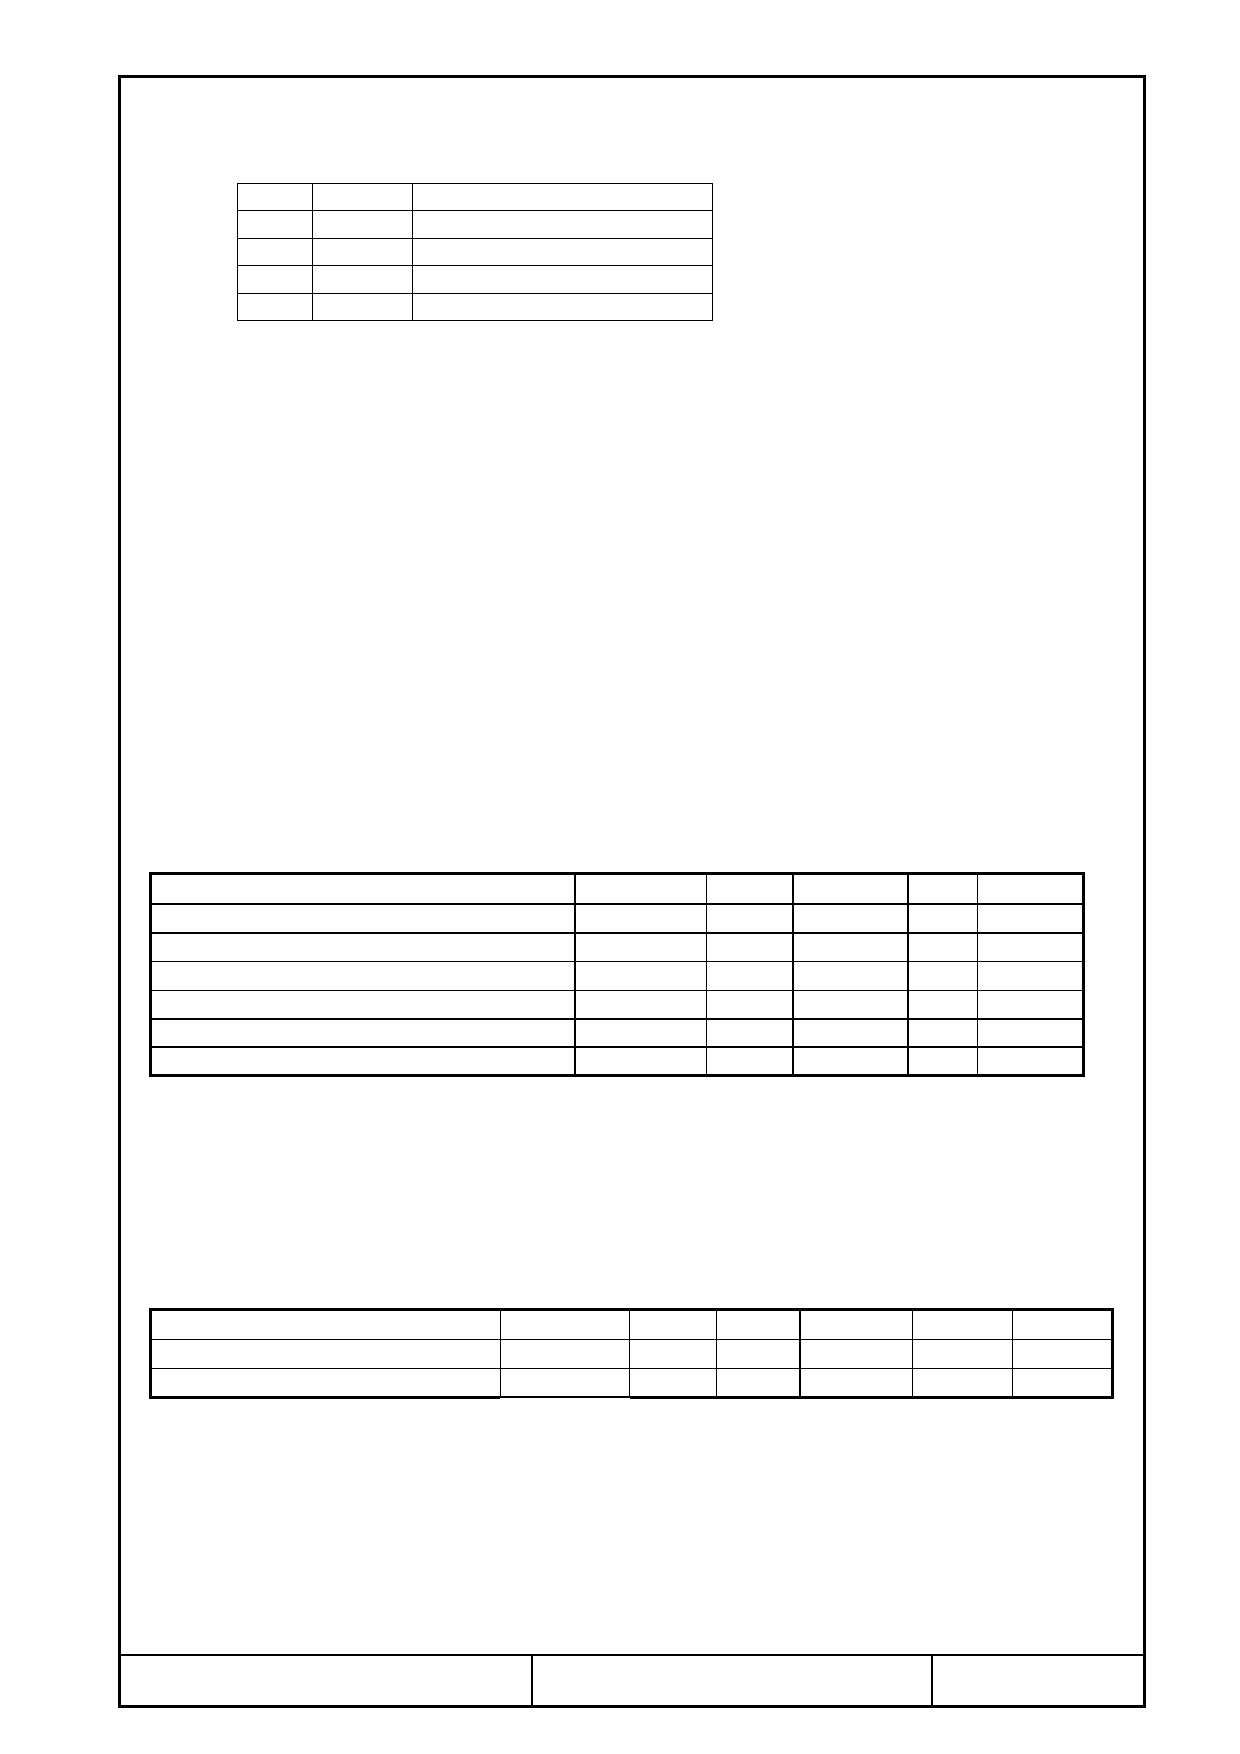 T-51380L050J_FW_P_AC pdf